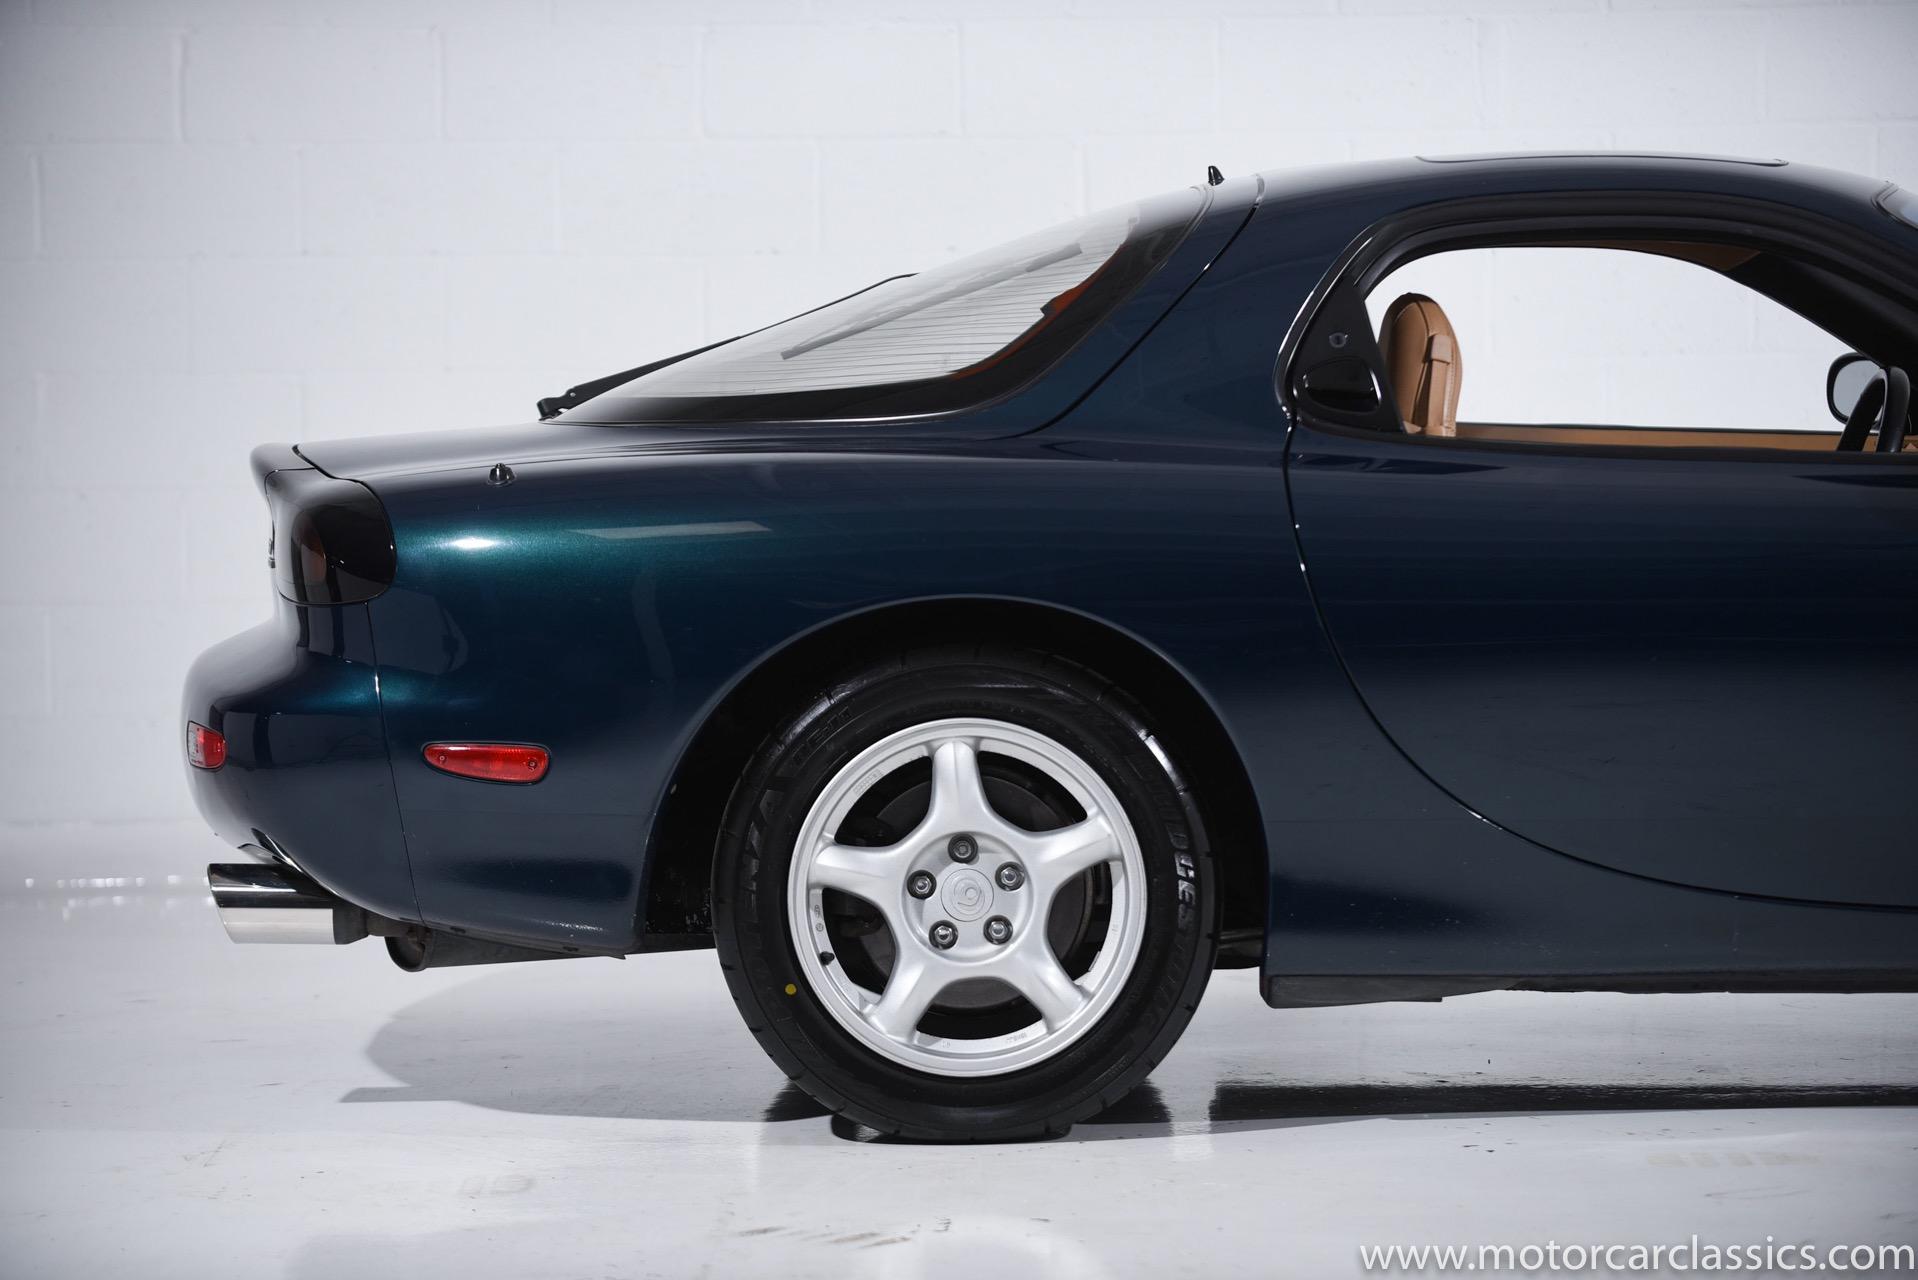 1993 Mazda RX-7 Turbo